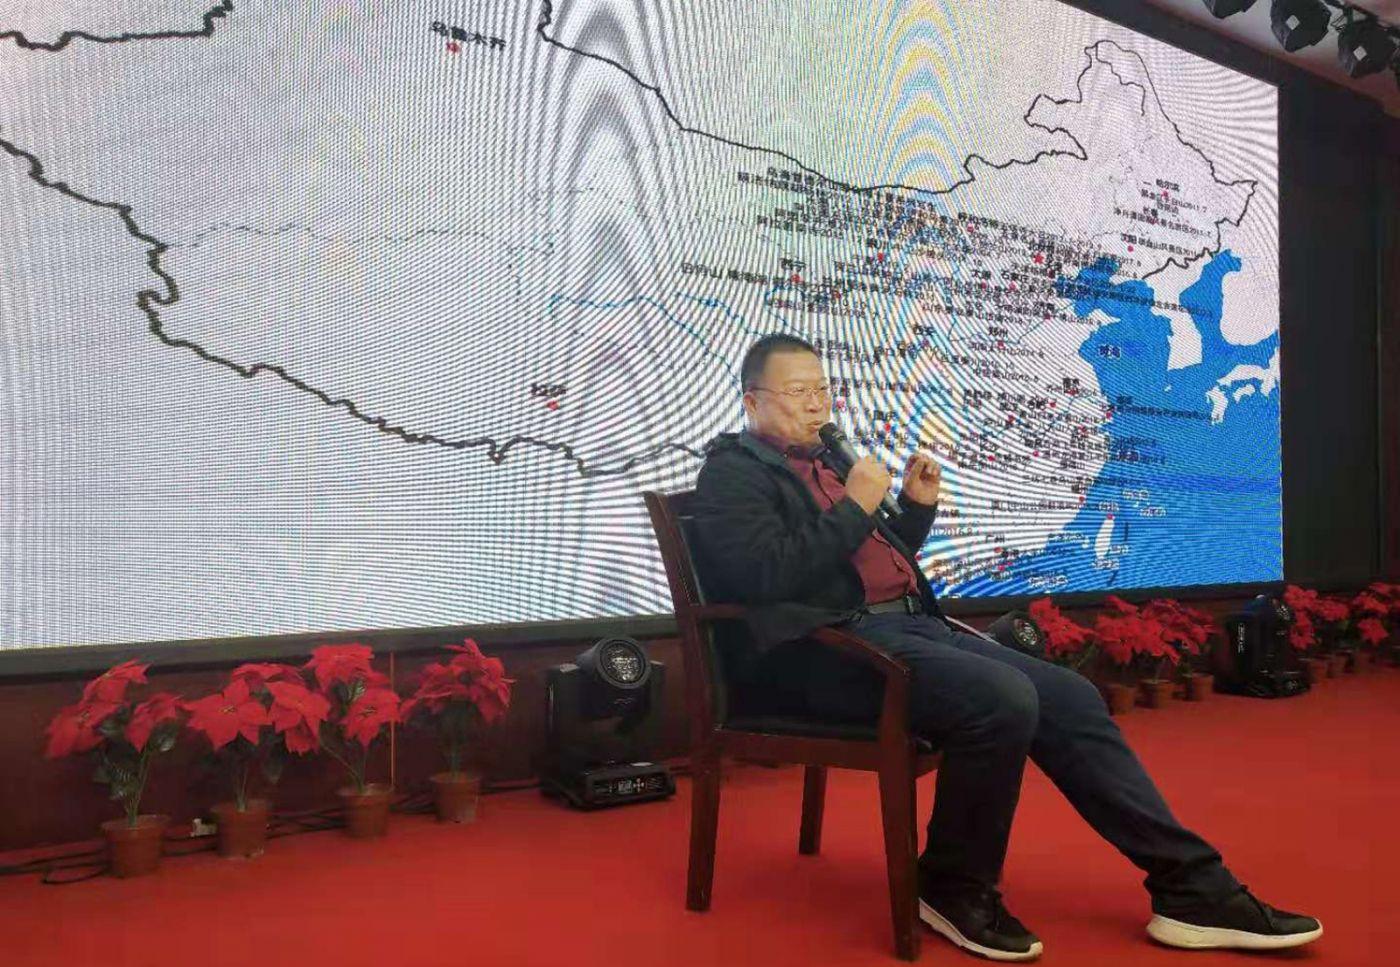 和您分享一张中国写生地图的故事_图1-3